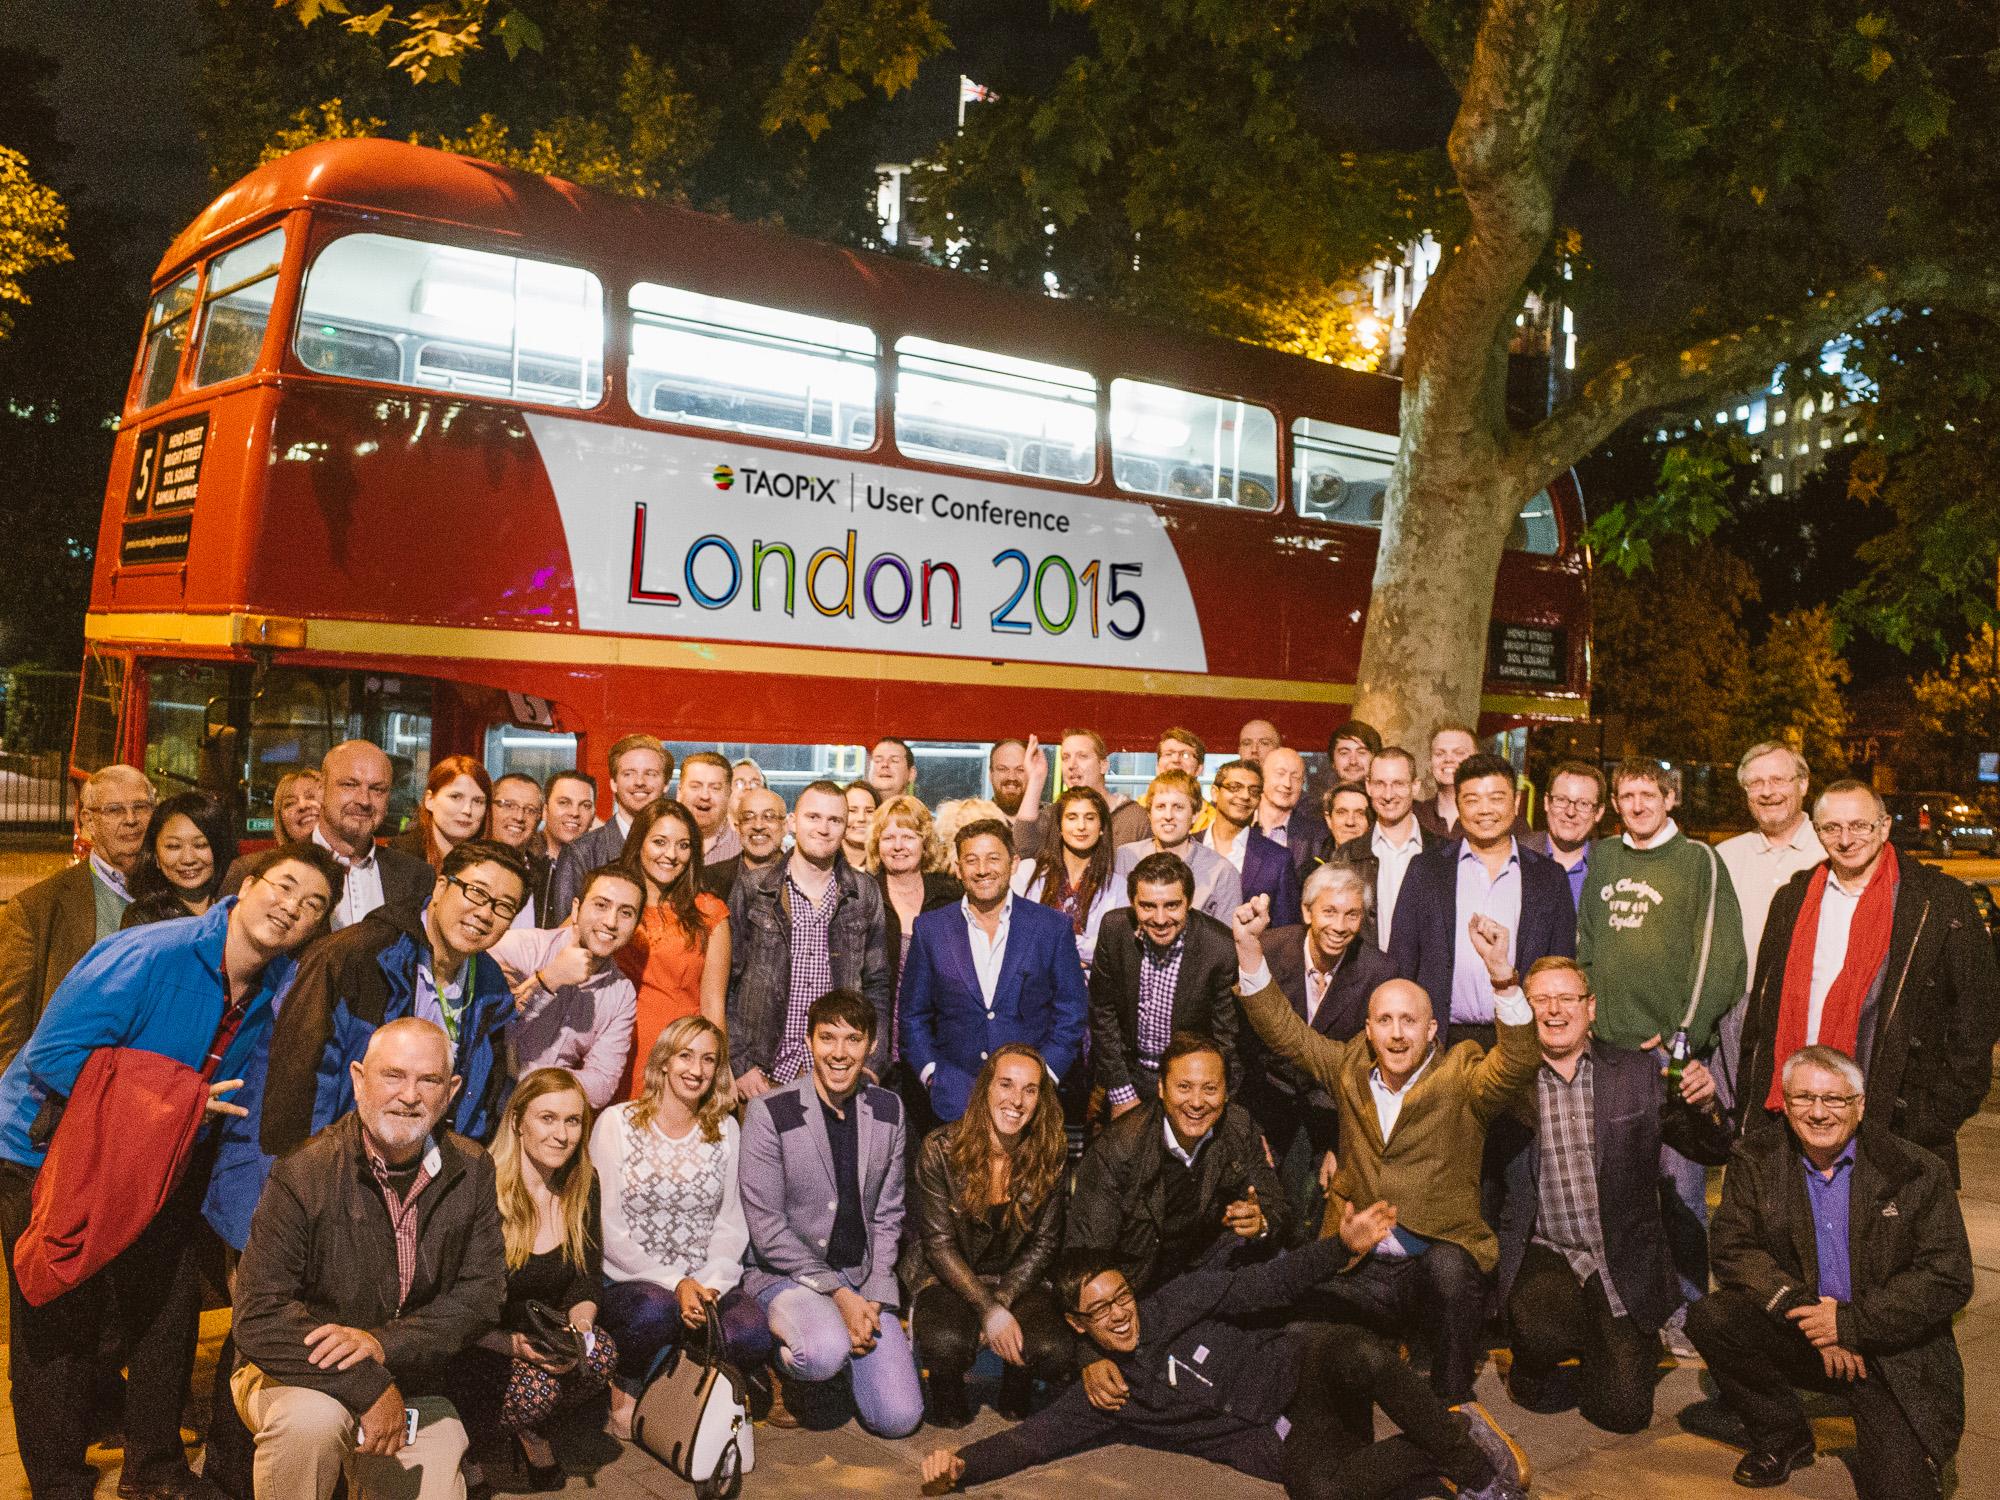 20150728-R0060029-Edit-London2015.jpg